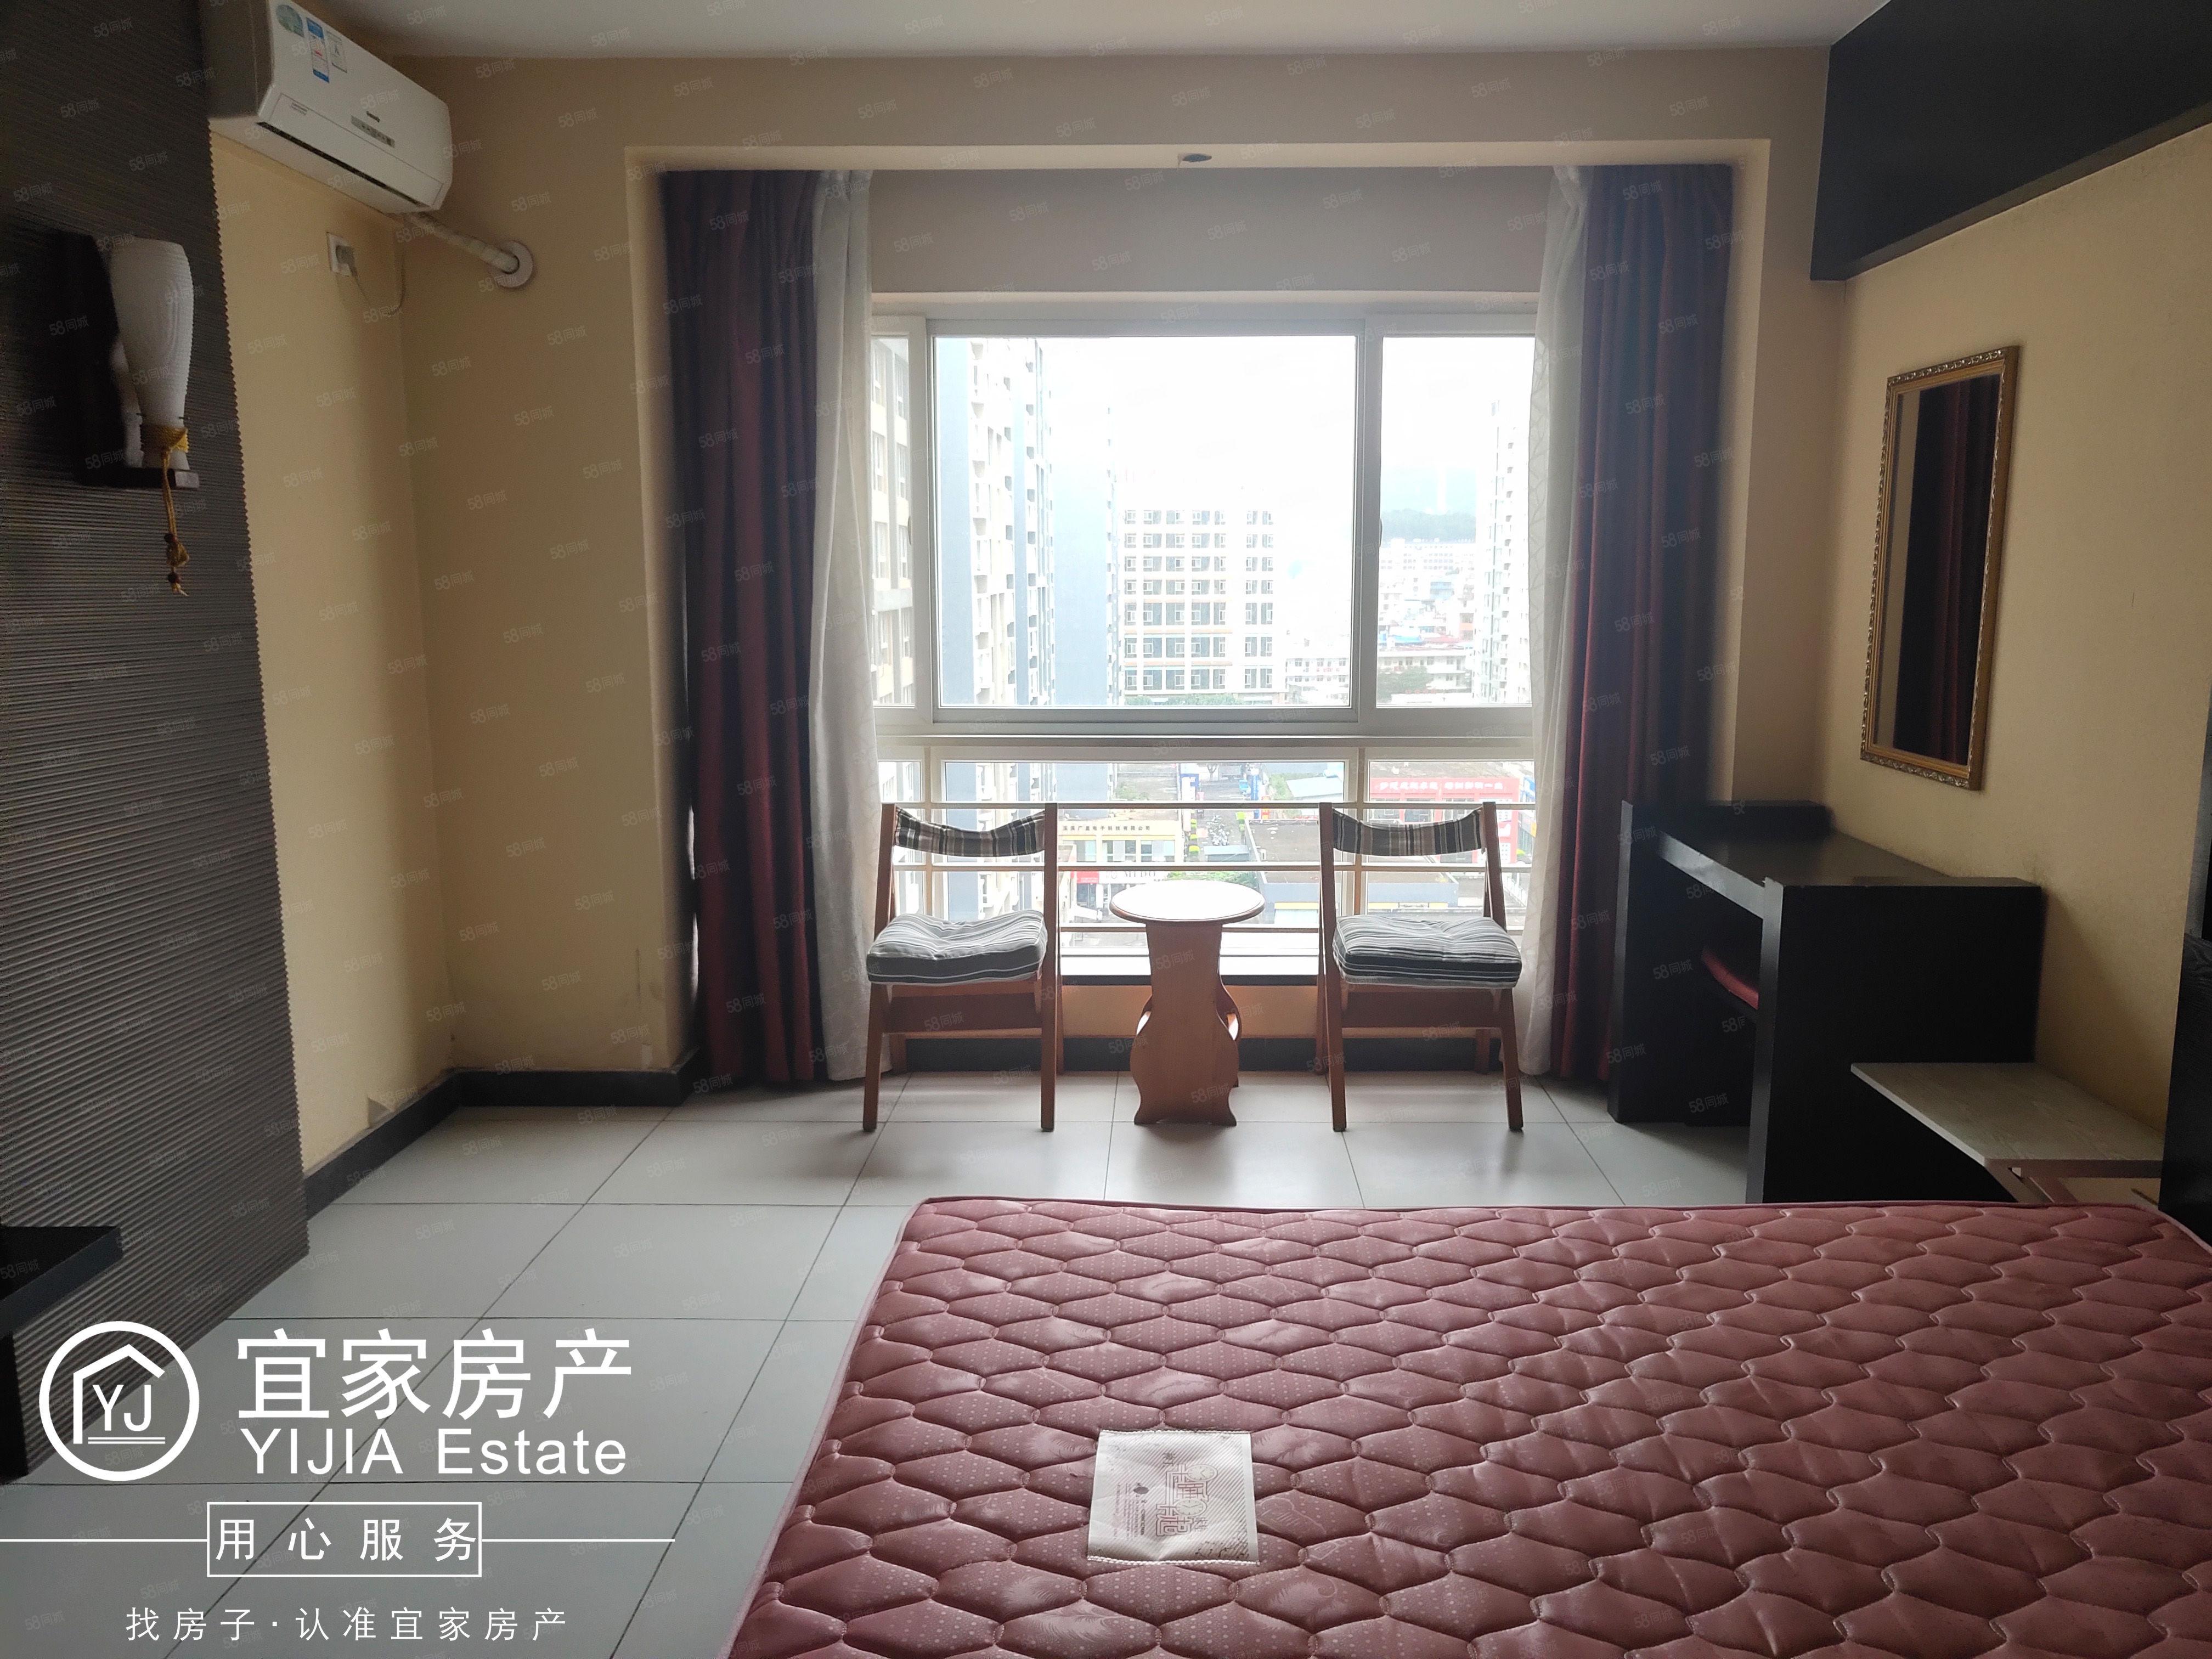 时代广场、带家具、带空调、1室1厅1卫、单身公寓、精装修澳门金沙平台